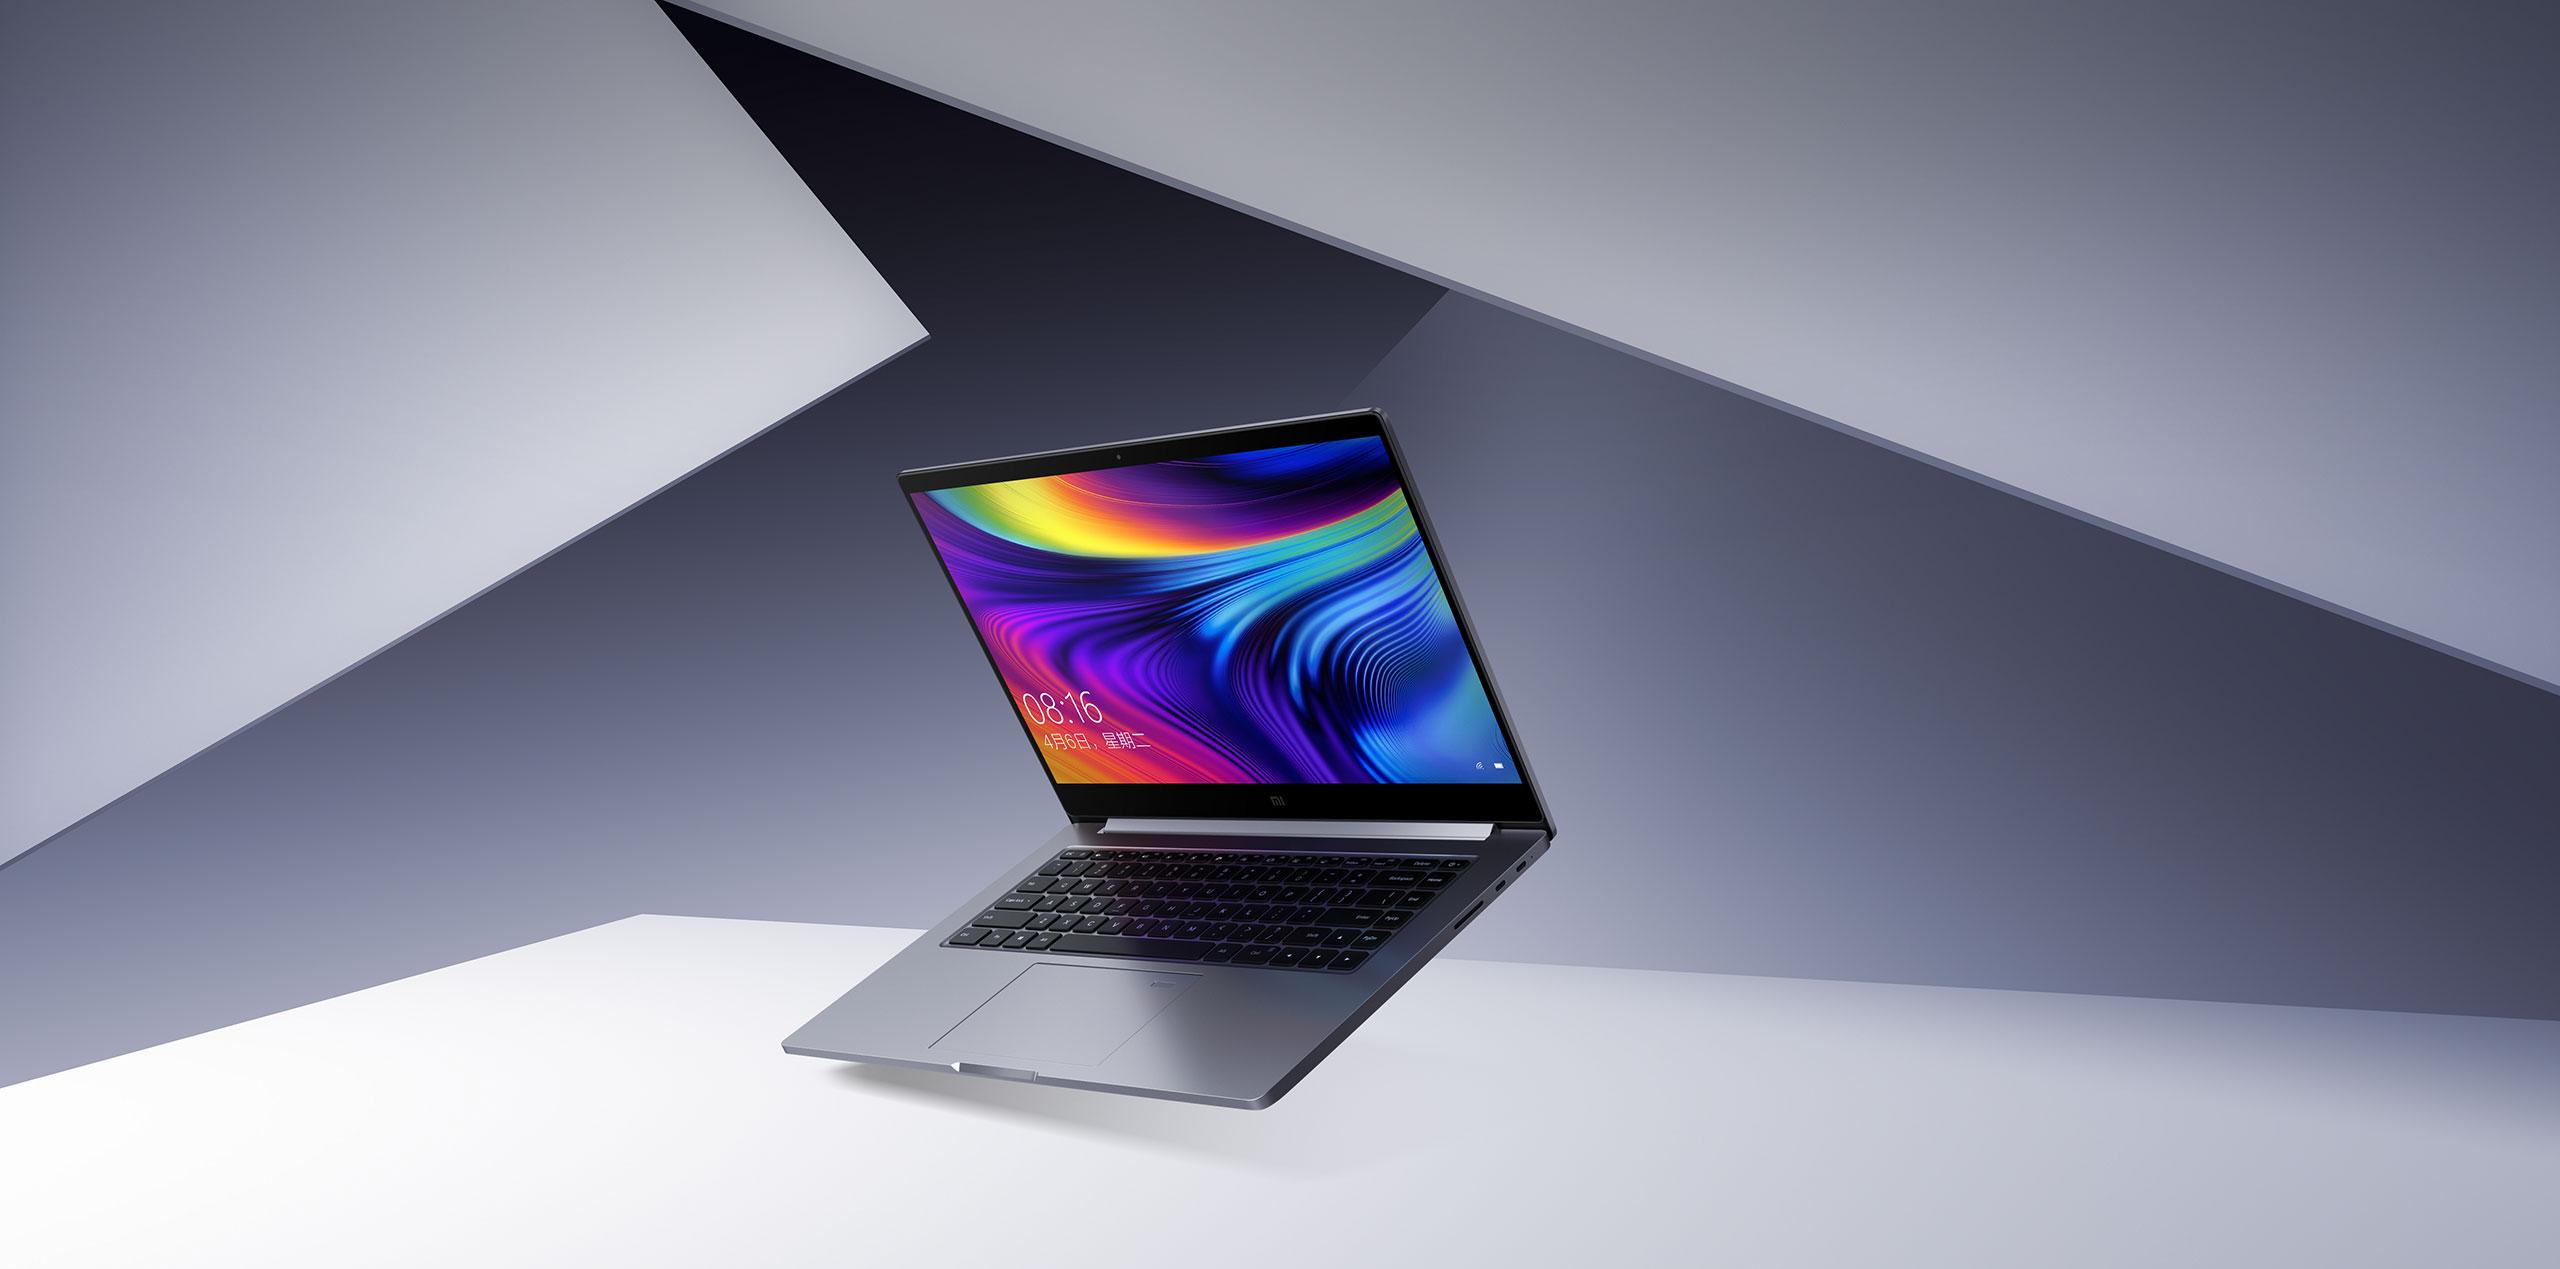 Pamiętacie laptop Xiaomi udający MacBooka? No to jest już nowa wersja z Intel Core 10. generacji